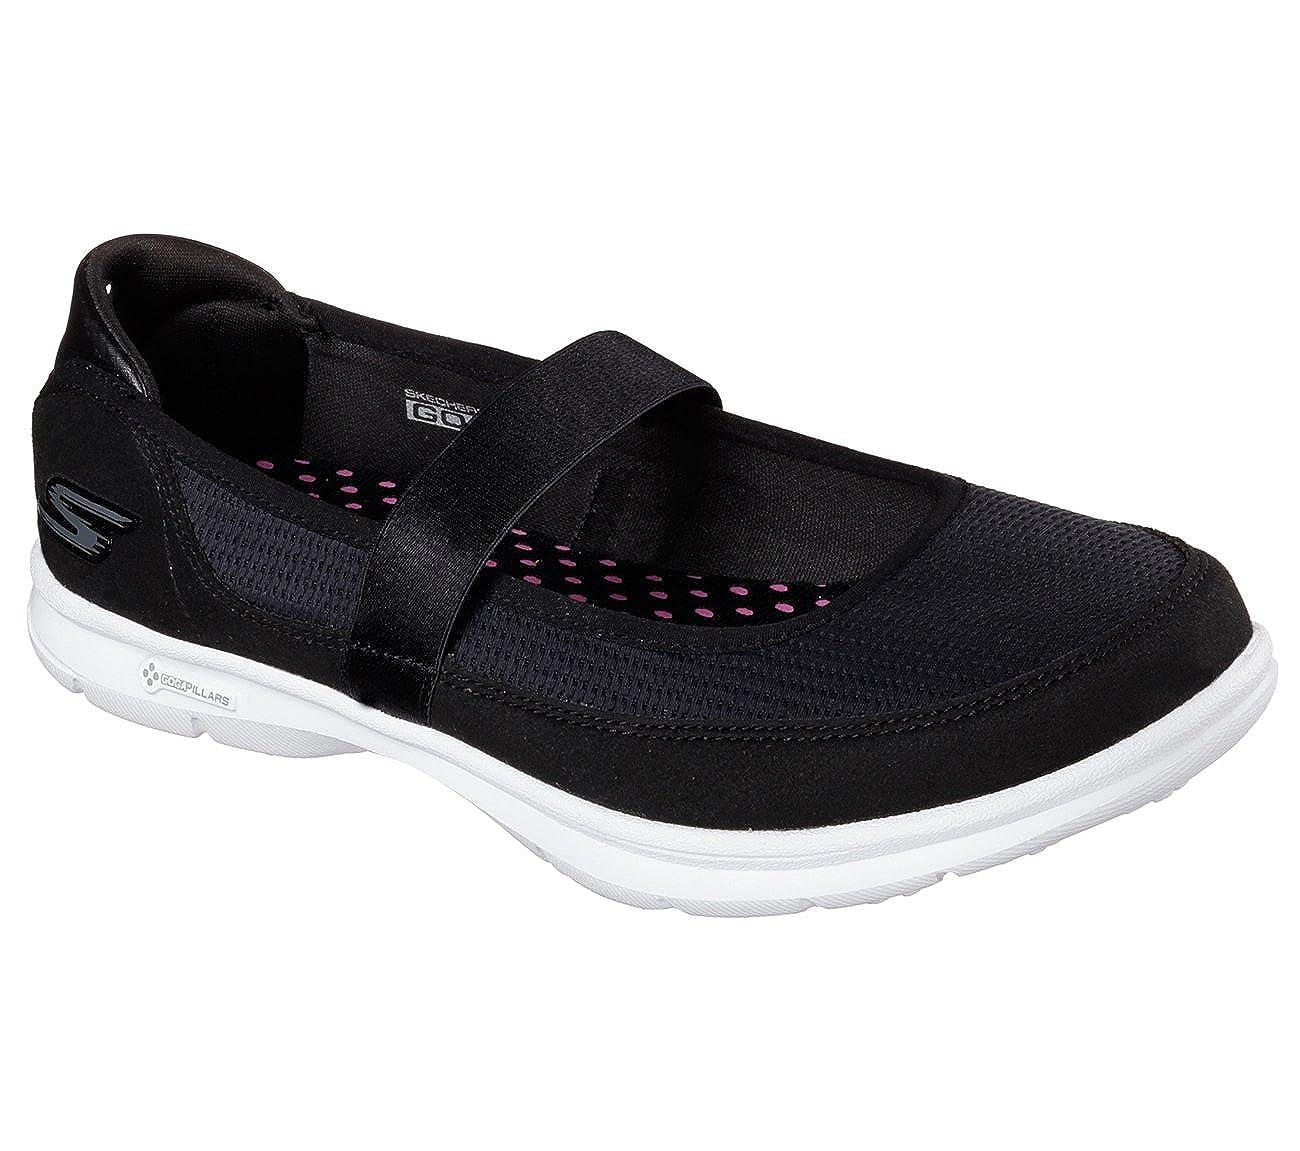 Skechers Go Step Original Schuhe Damen Schwarz 36.5: Amazon nGWFt